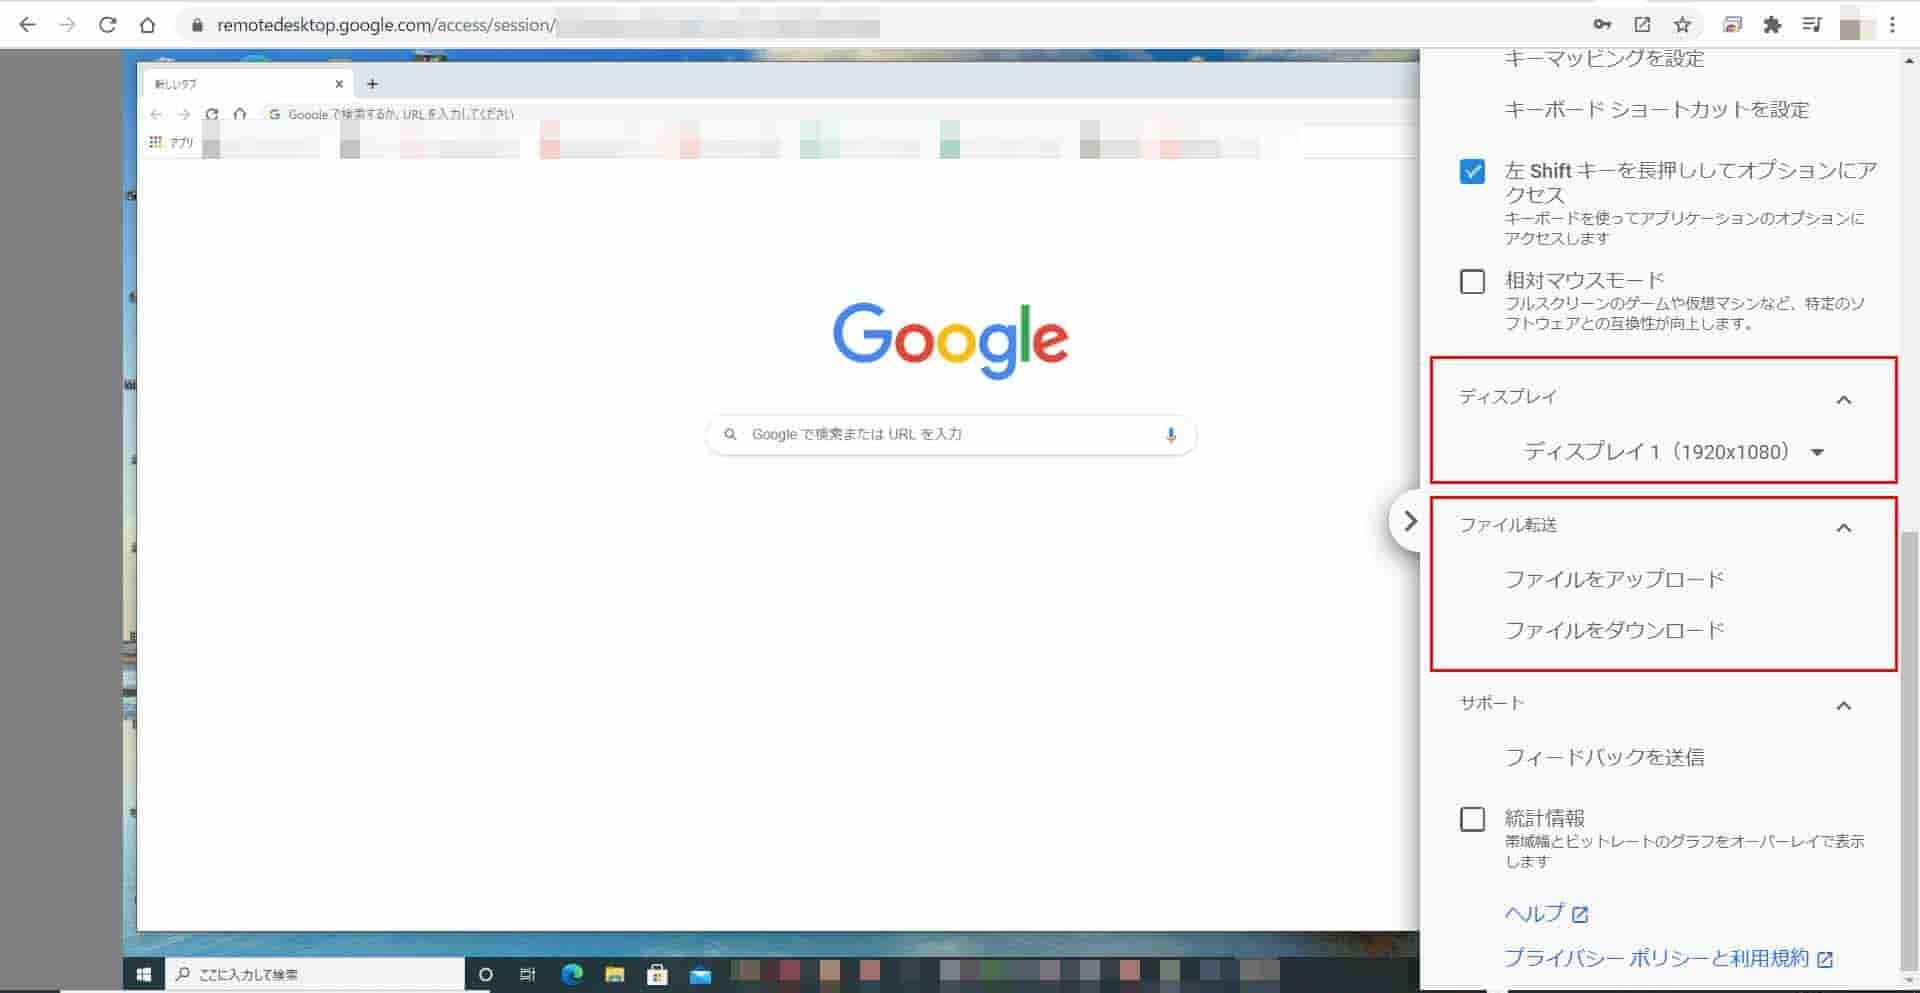 Chromeリモートデスクトップの表示オプションパネルその他の設定